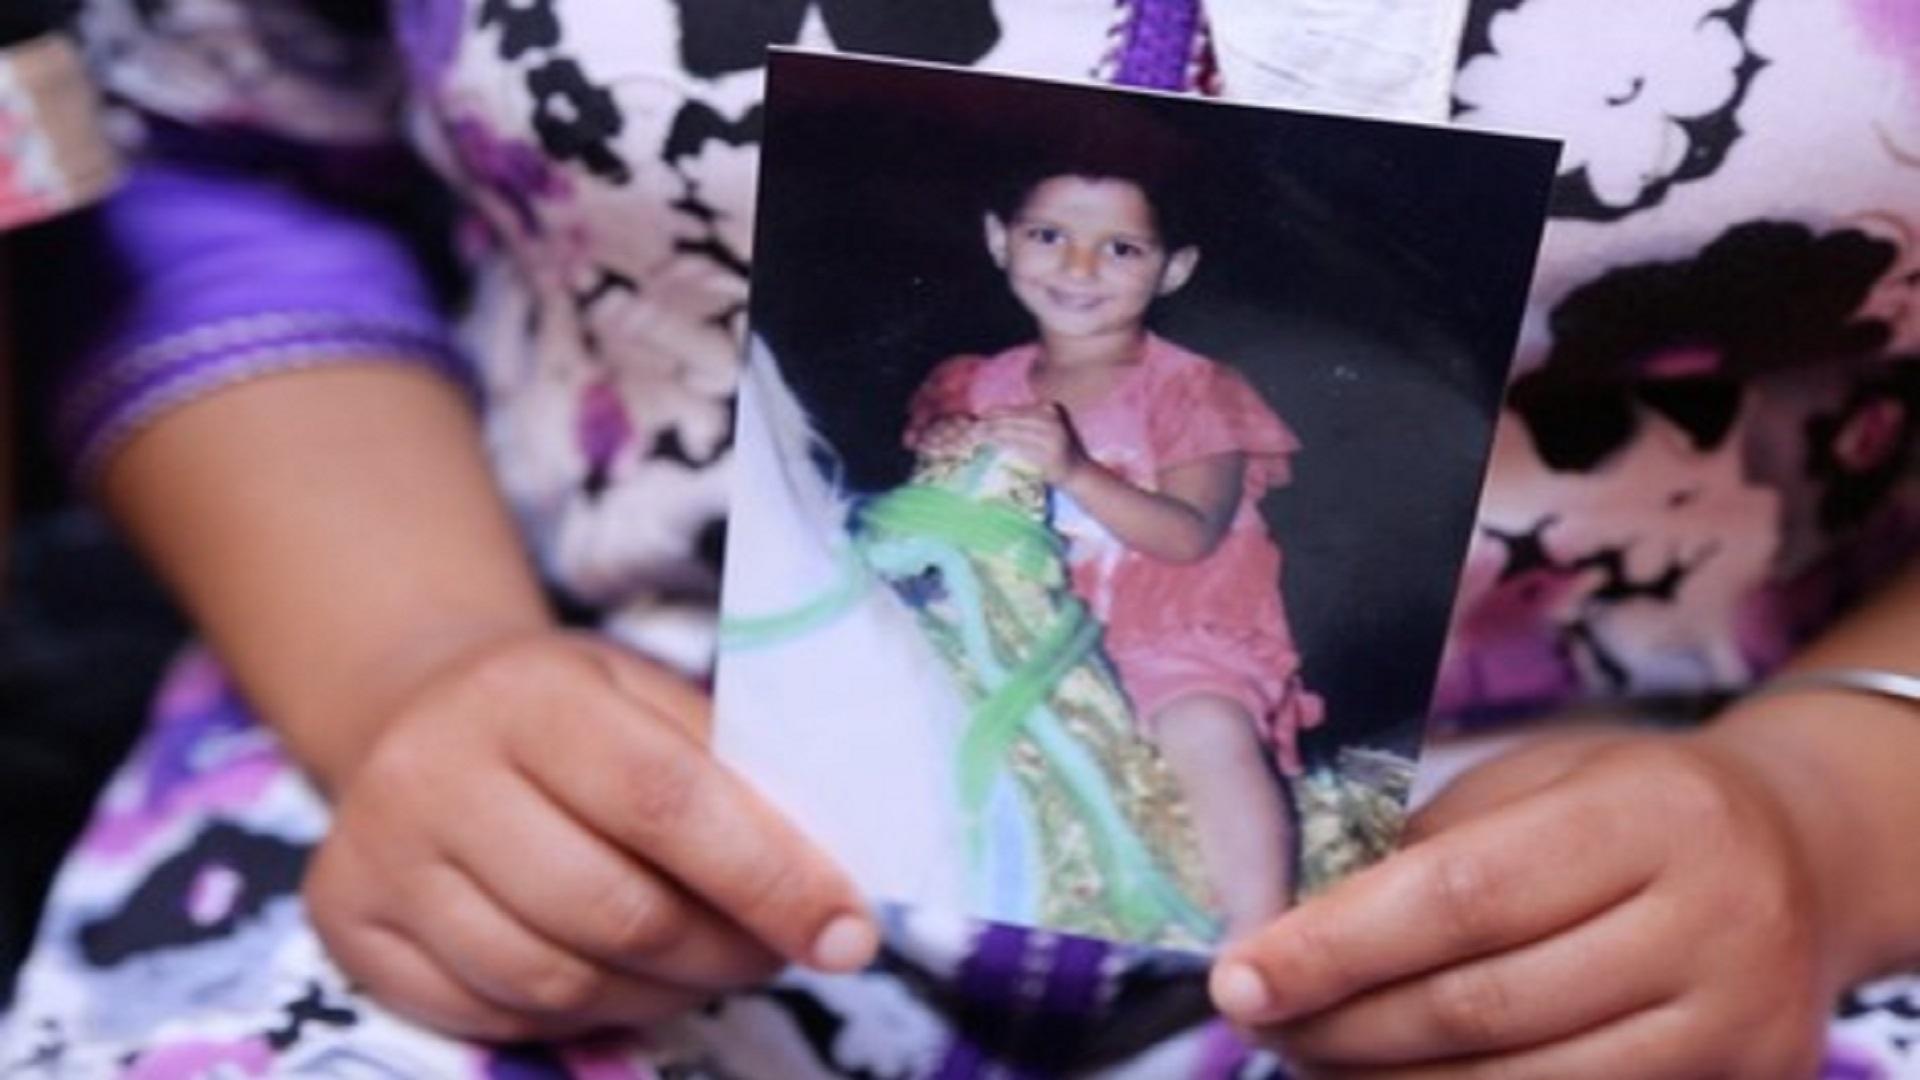 قضية مقتل طفلة وتقطيع جثتها بمدينة صفرو تتحول إلى لغز حير المحققين